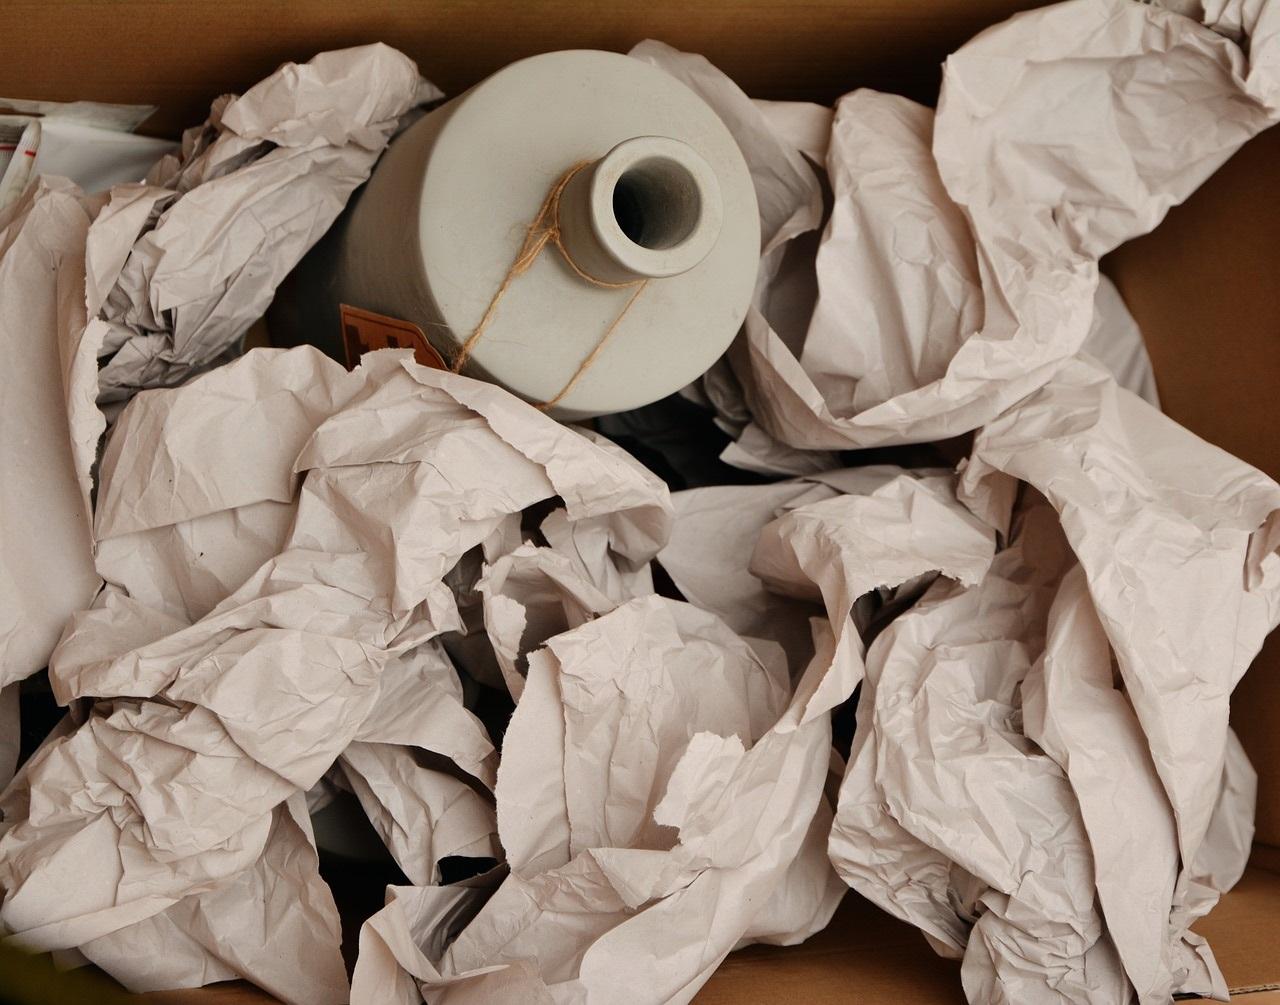 Comment bien déménager les objets fragiles ?